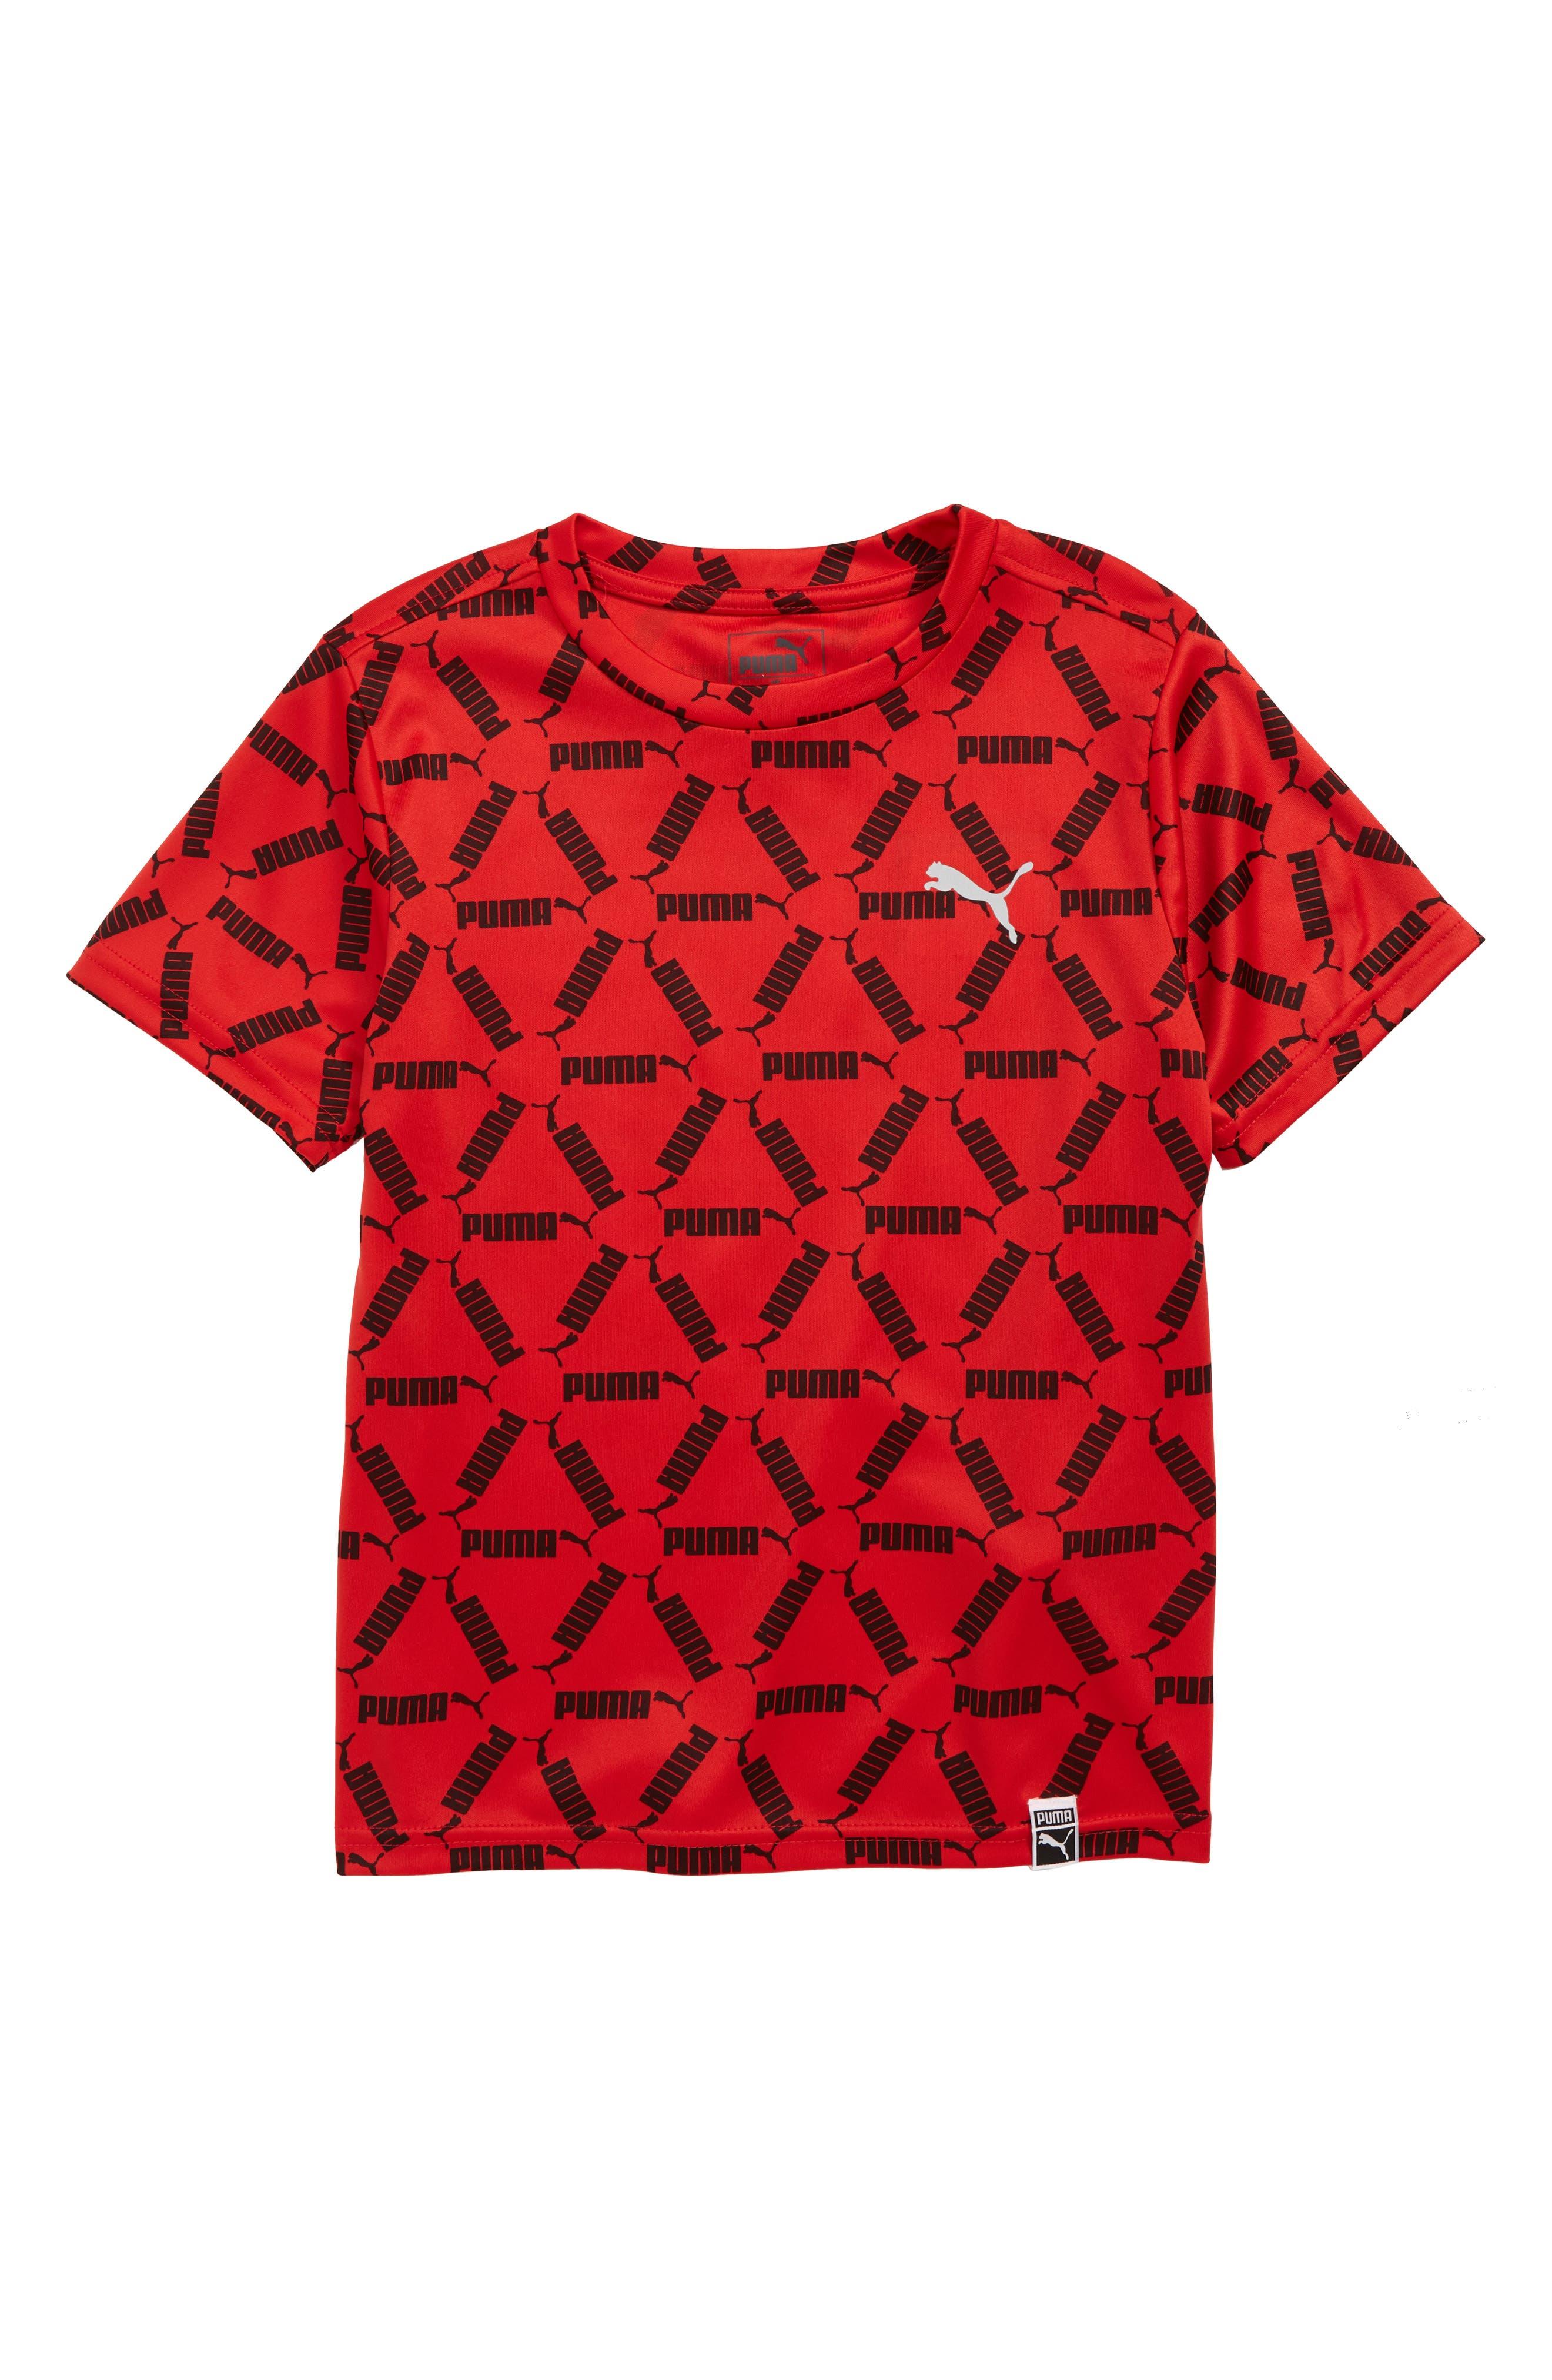 Boys Puma Logo Graphic Interlock Performance TShirt